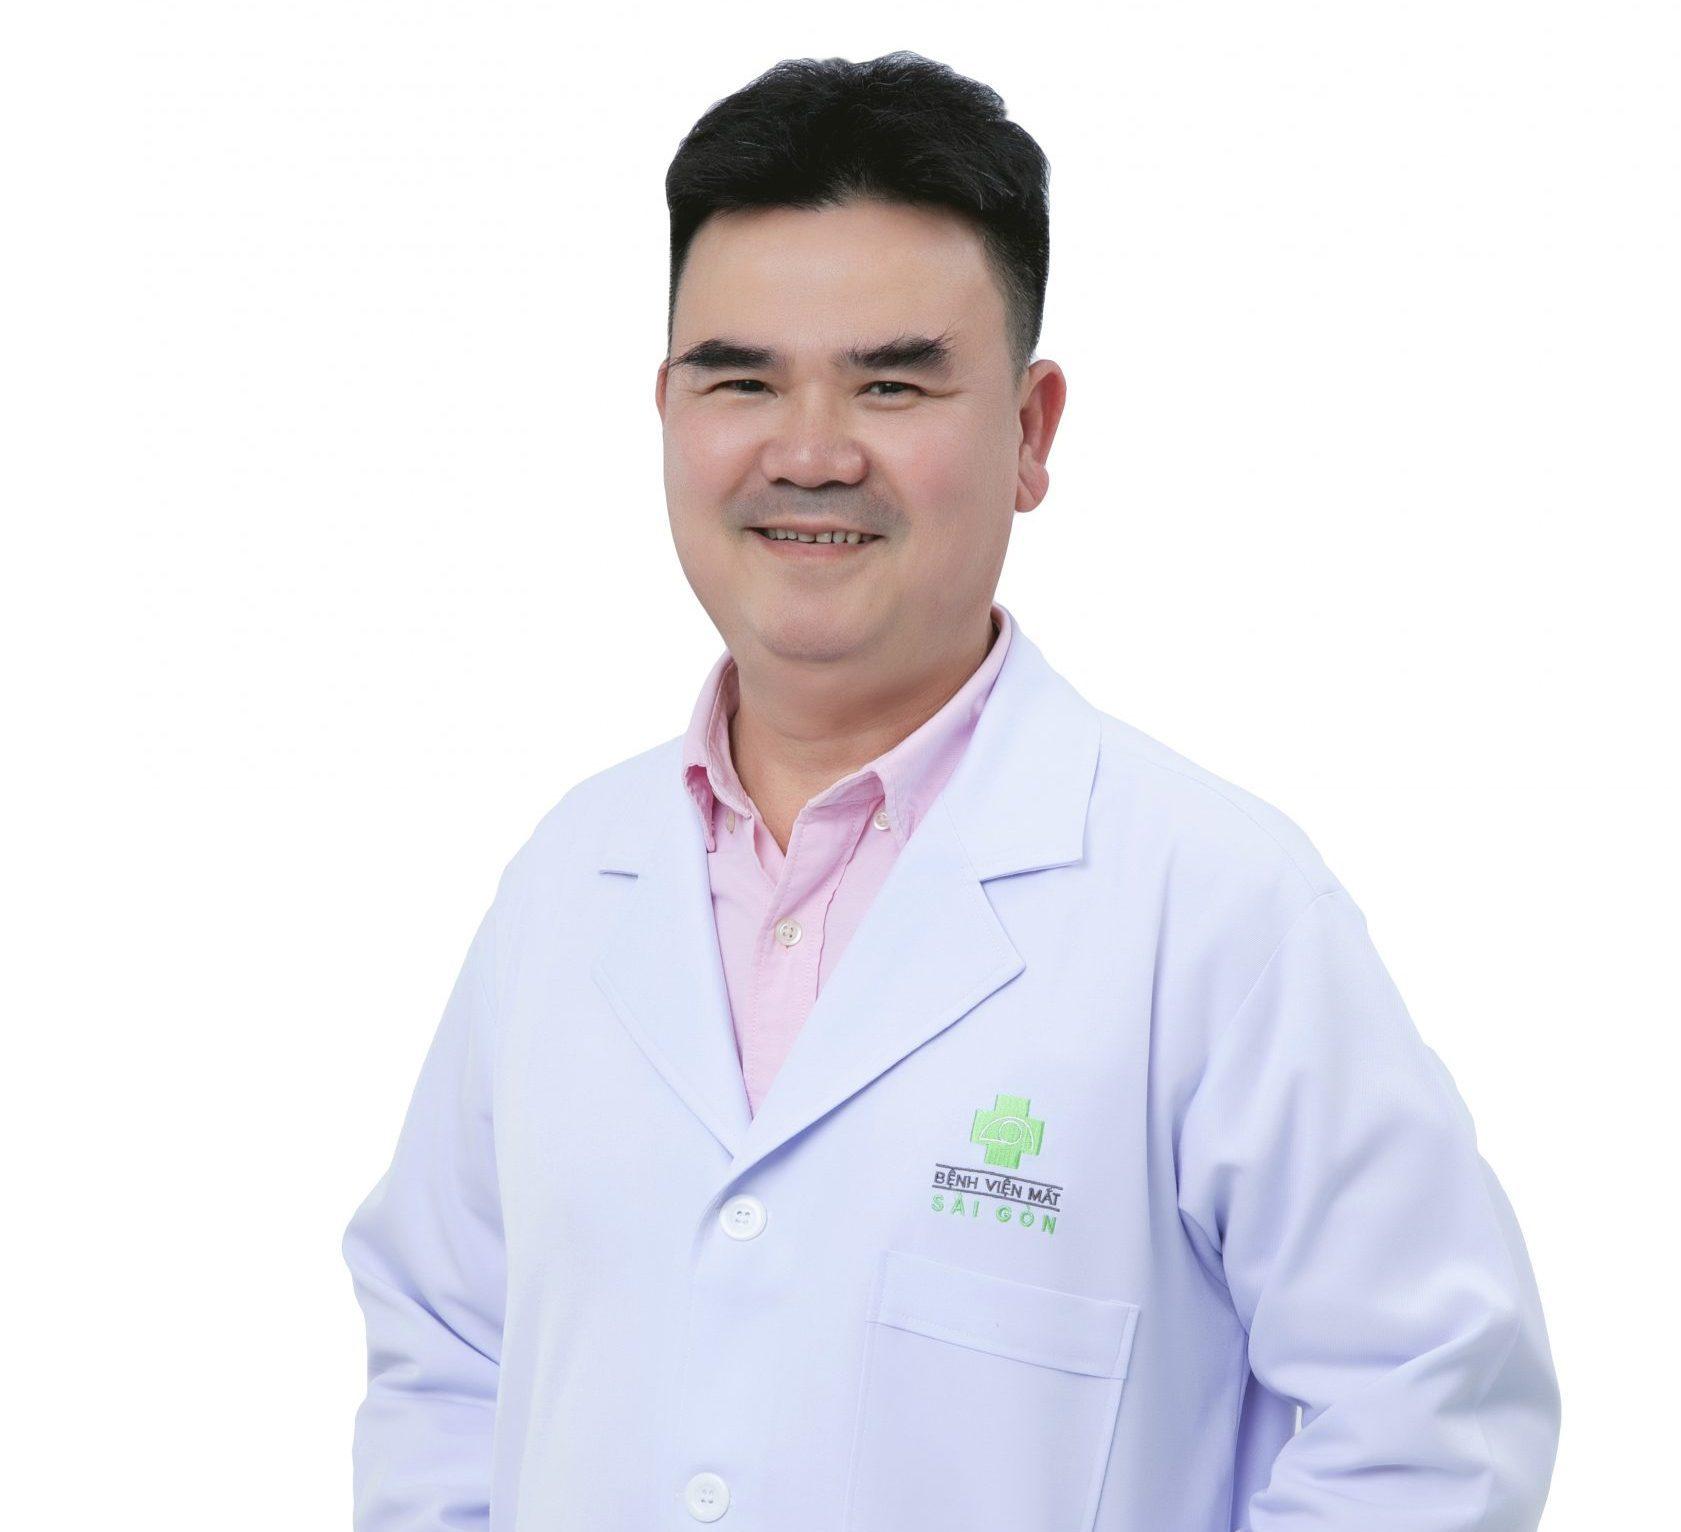 BS CKII Trương Công Minh